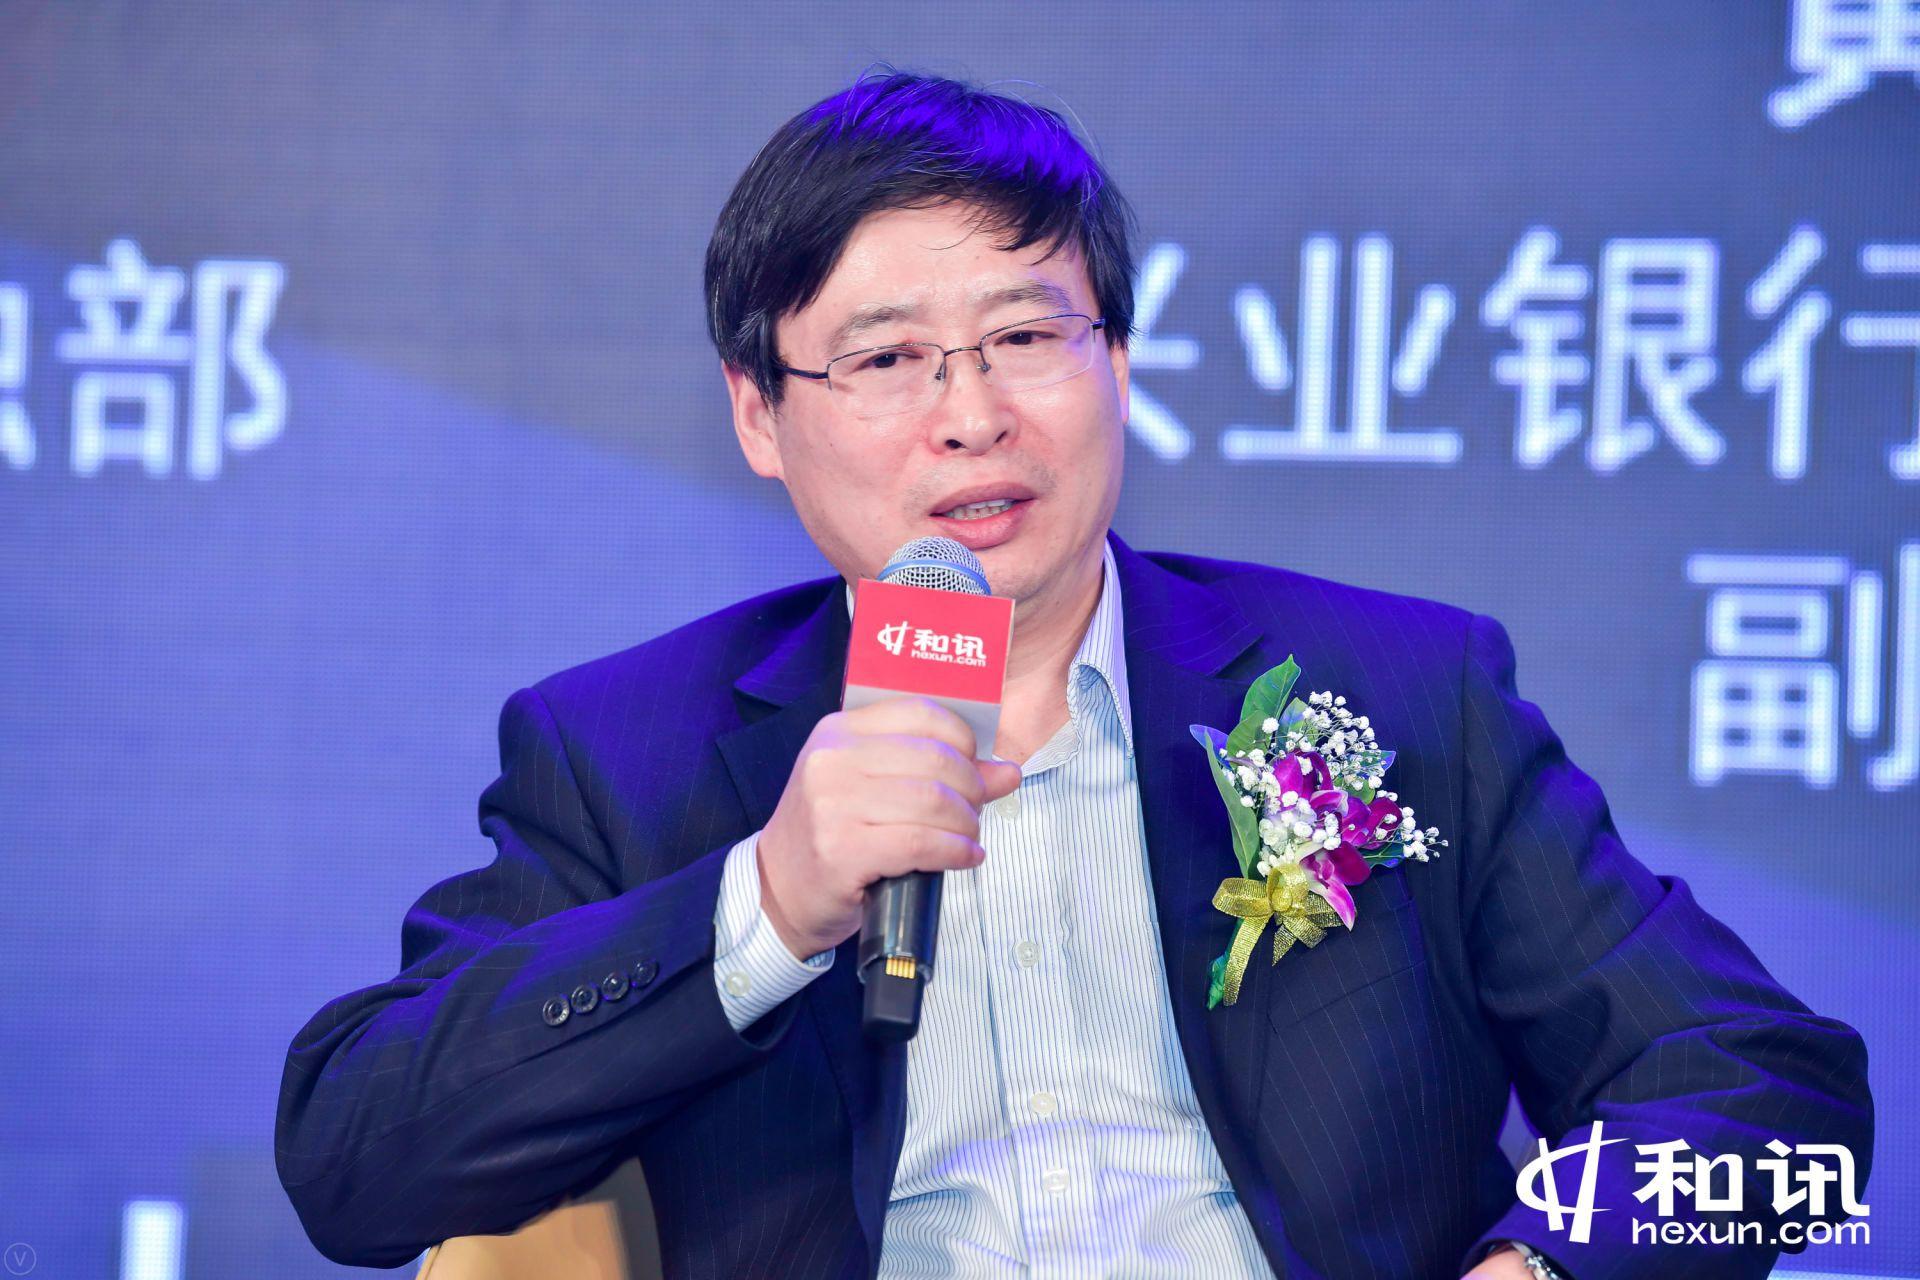 江苏银行网络金融部总经理蒋建明